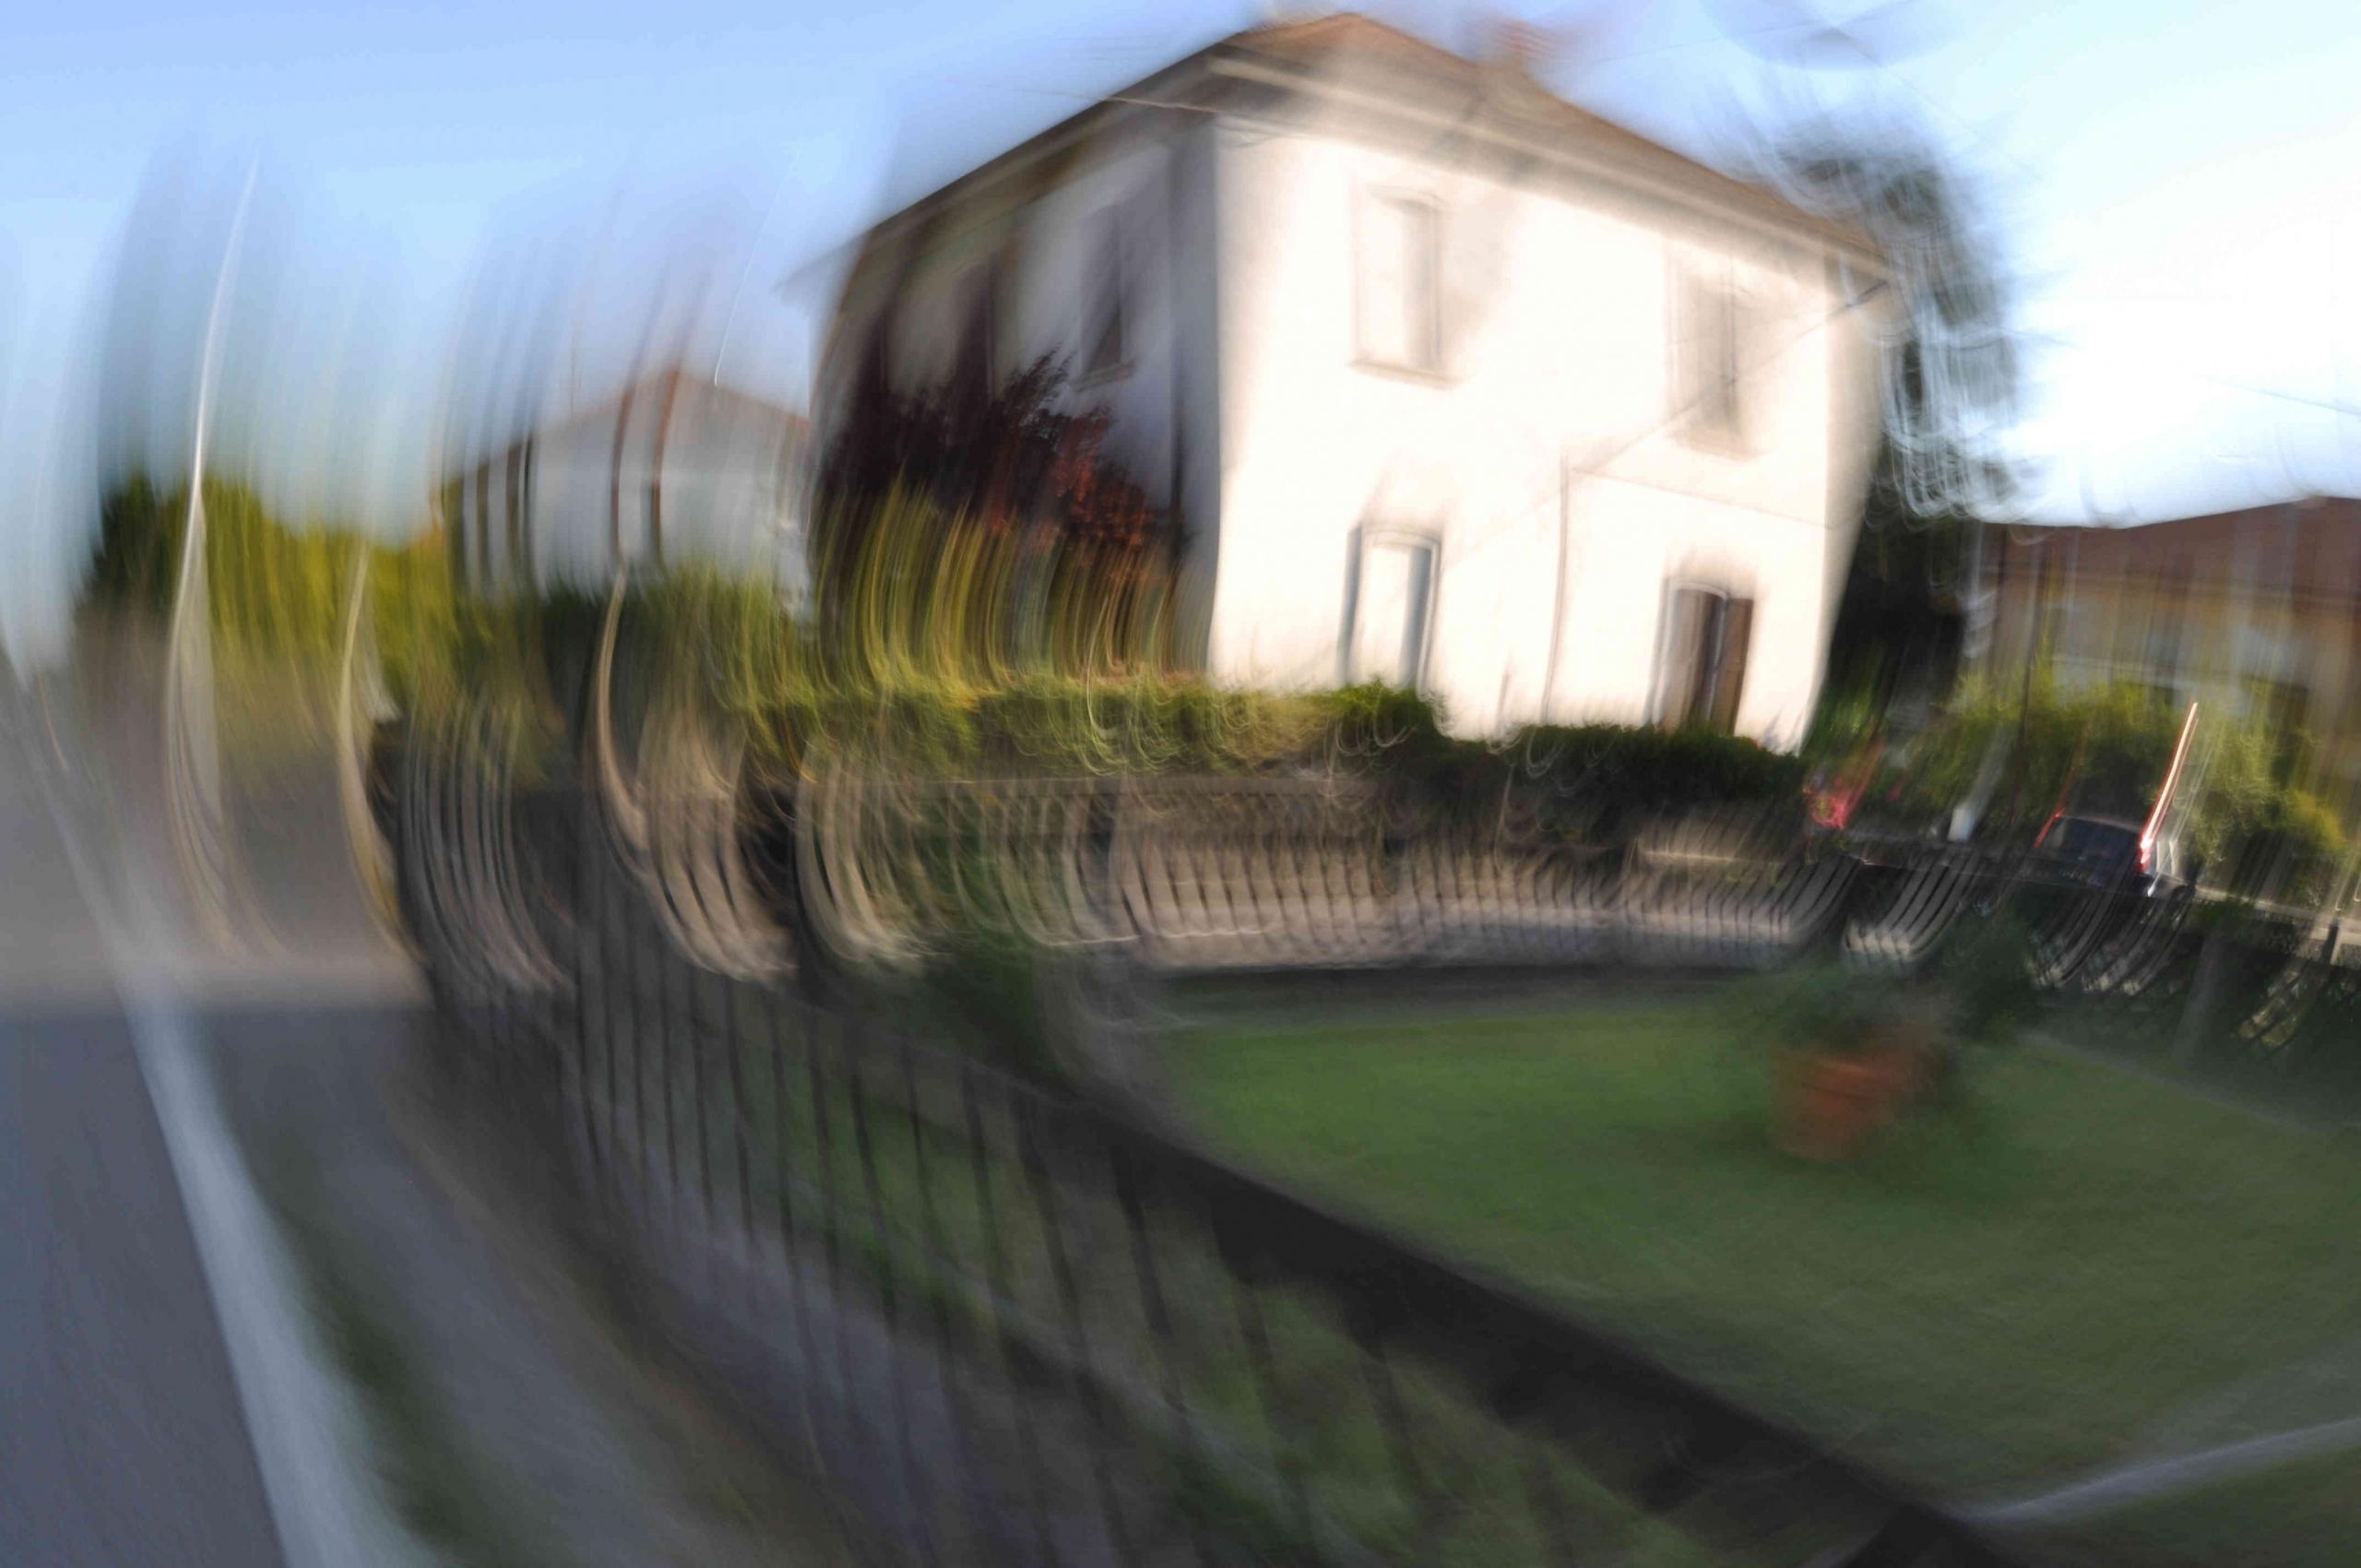 48 Villaggio Crespi Giacomo Bucci